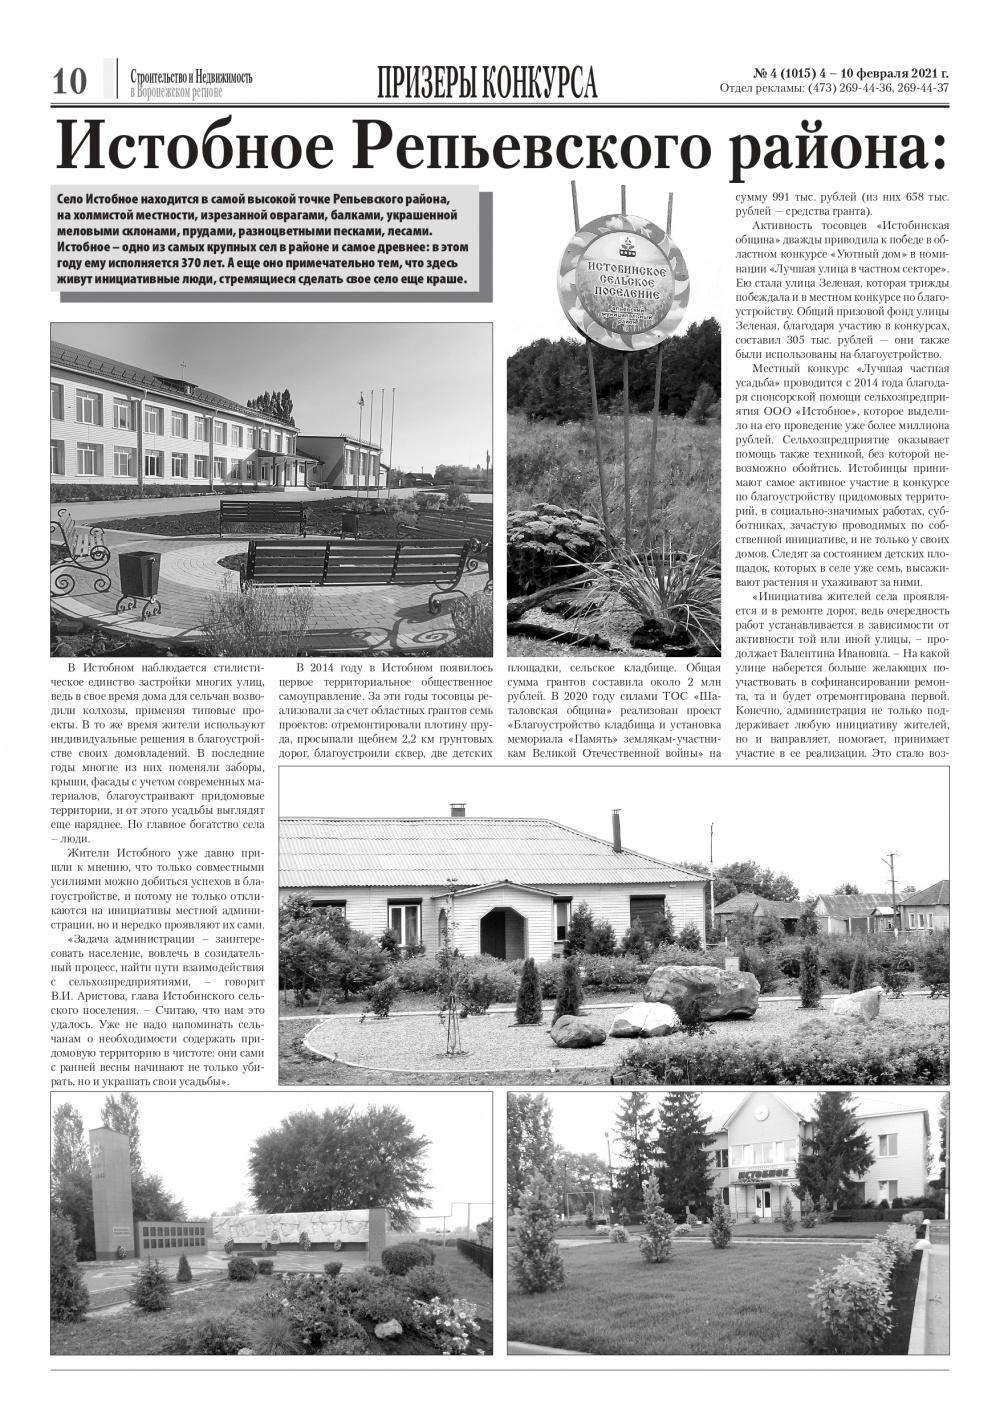 В областной газете об истобинцах